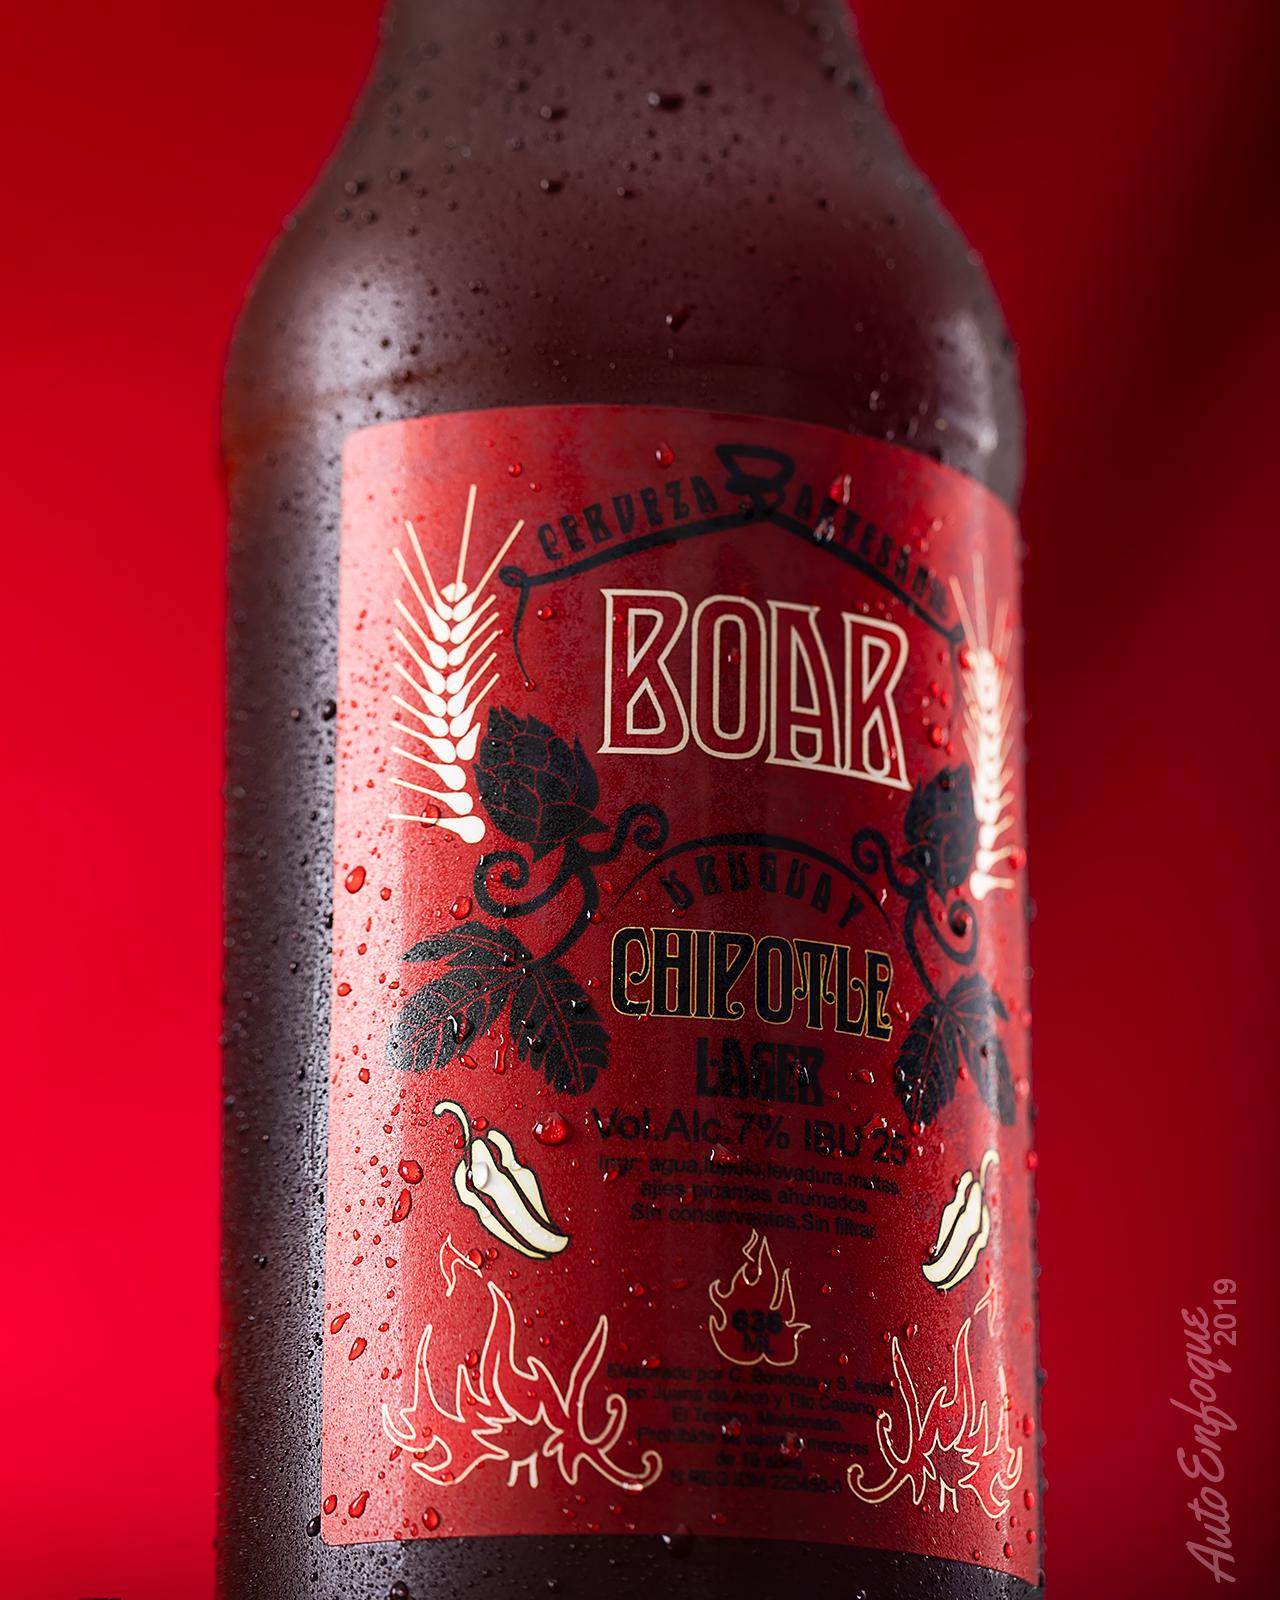 Fotografía de cervezas artesanales en Uruguay